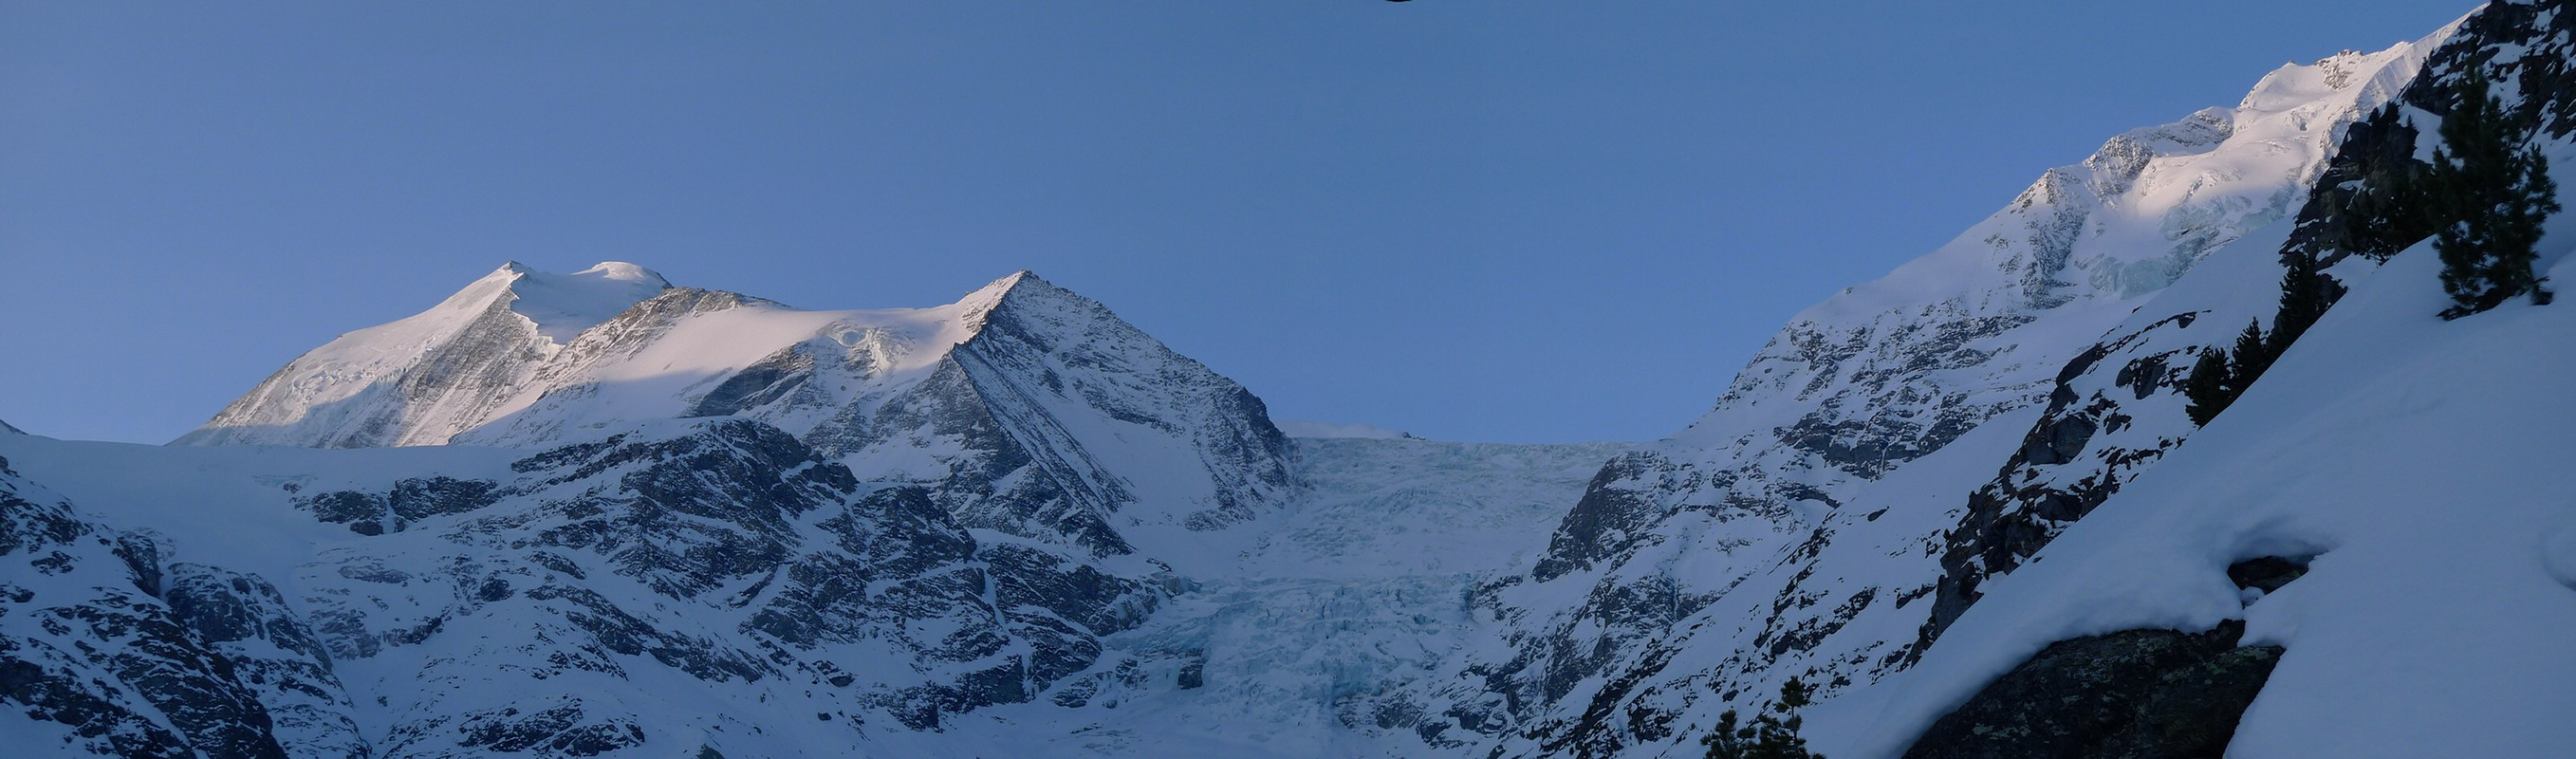 Turtmannhütte / Cabane Tourtemagne  Walliser Alpen / Alpes valaisannes Schweiz panorama 12